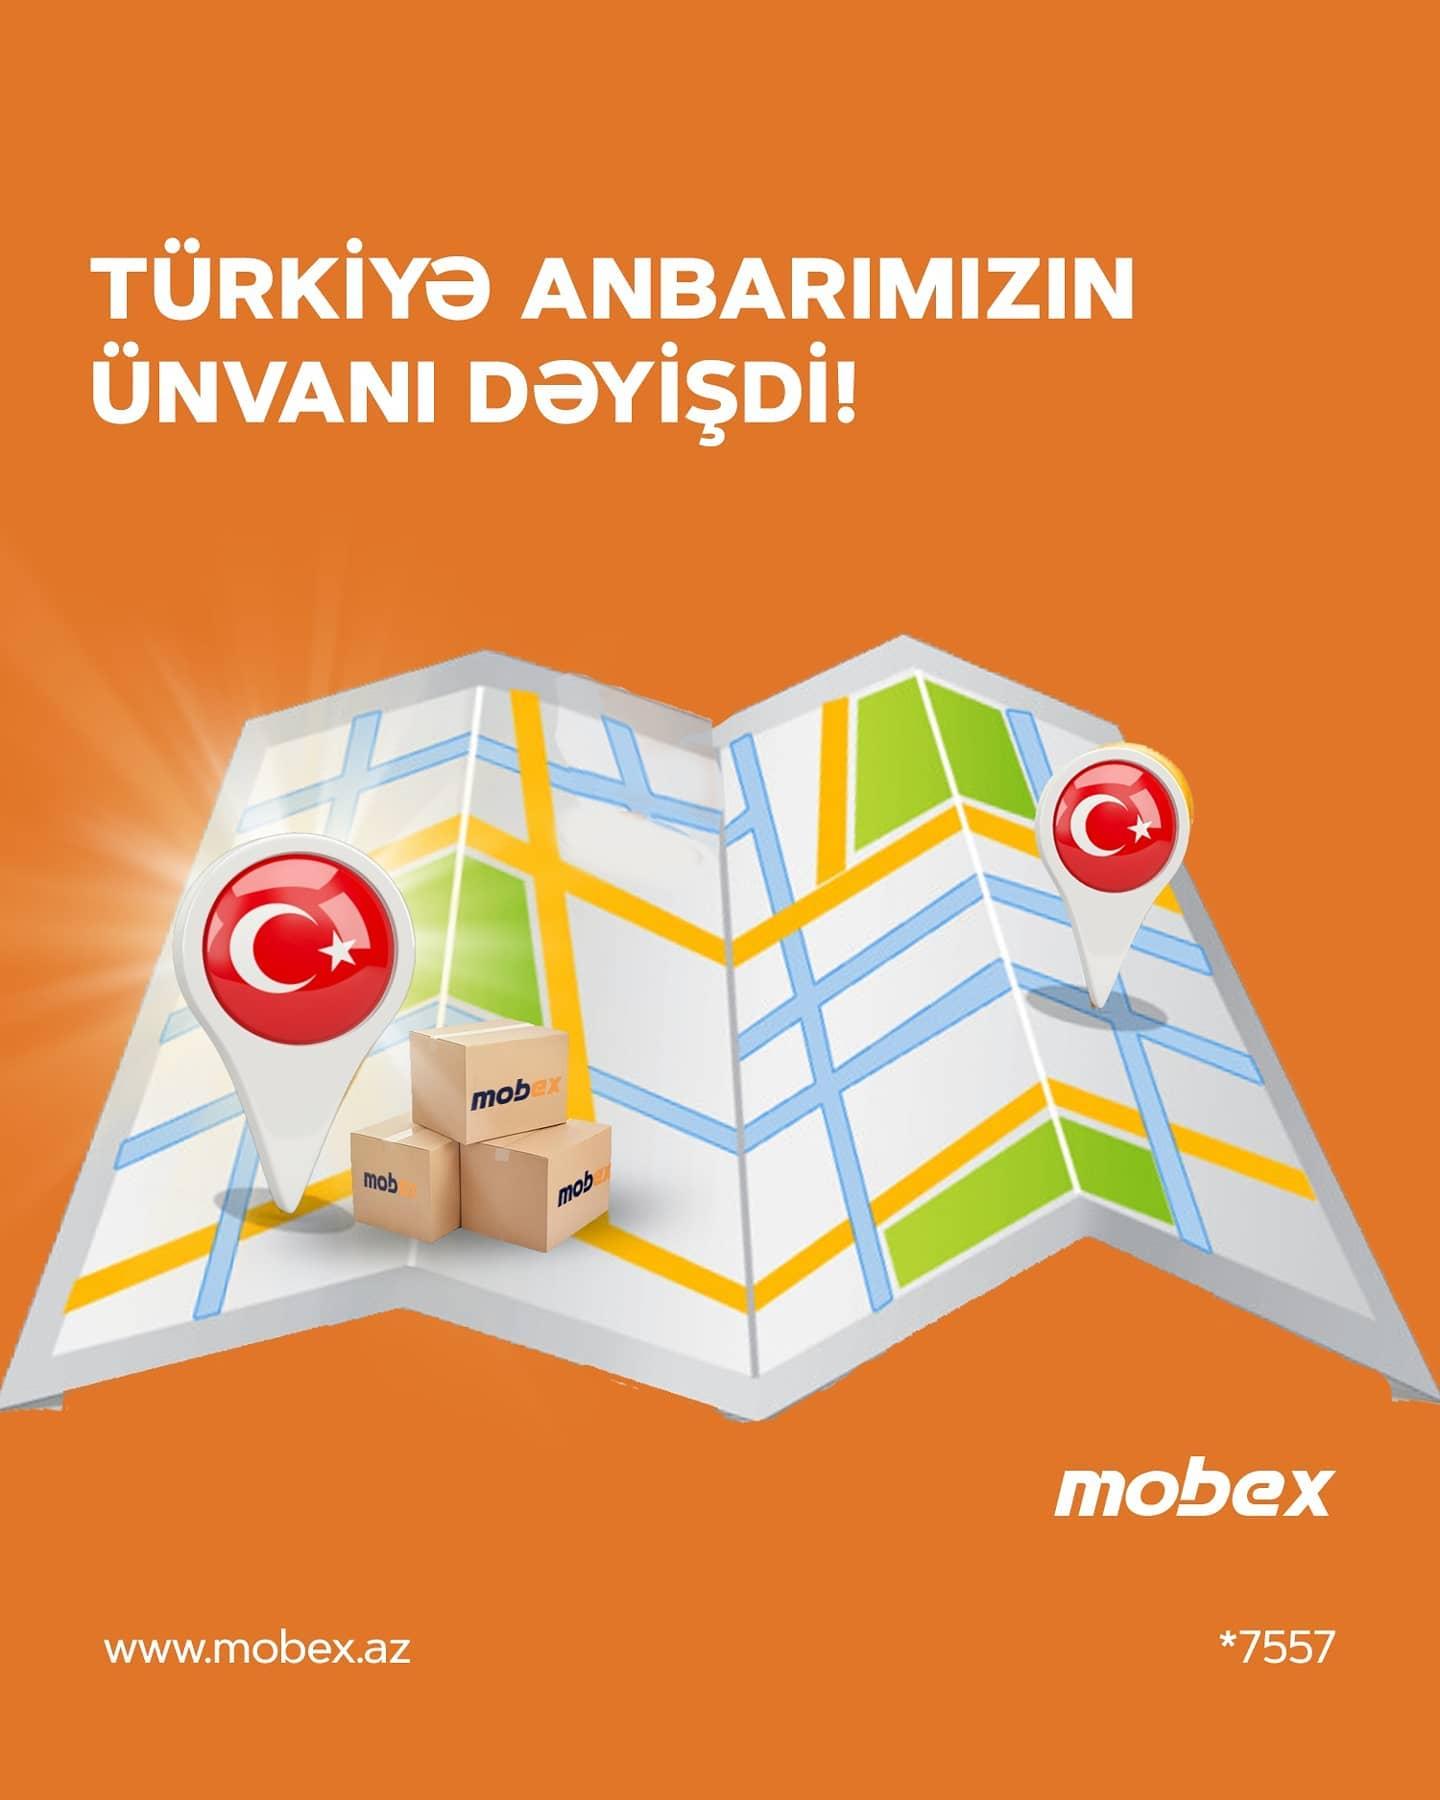 TÜRKİYƏ ANBARIMIZ ARTIQ YENI ÜNVANDA!